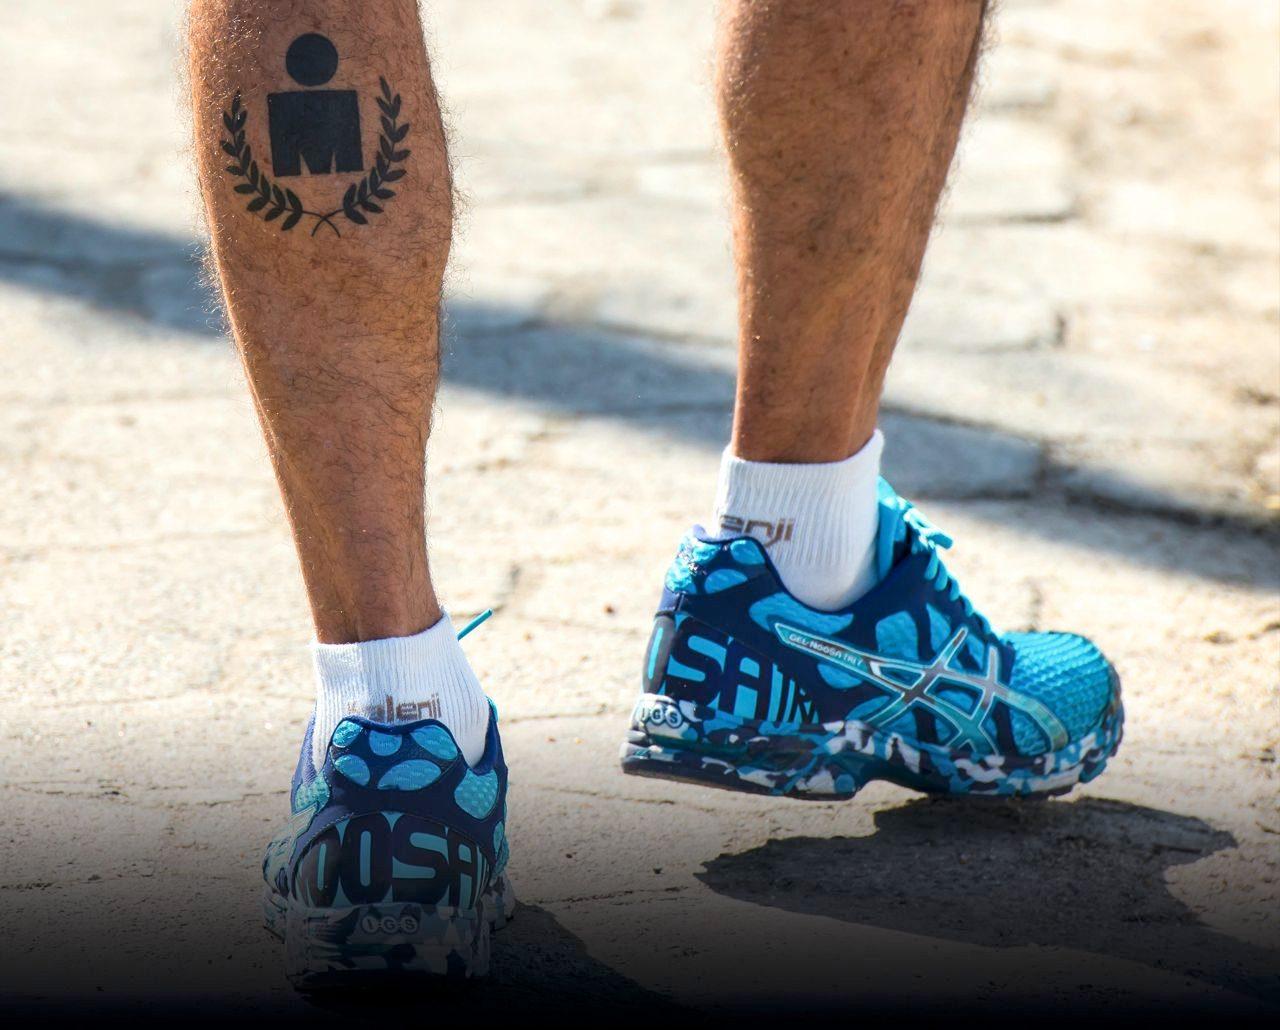 Ironman athlete on the run